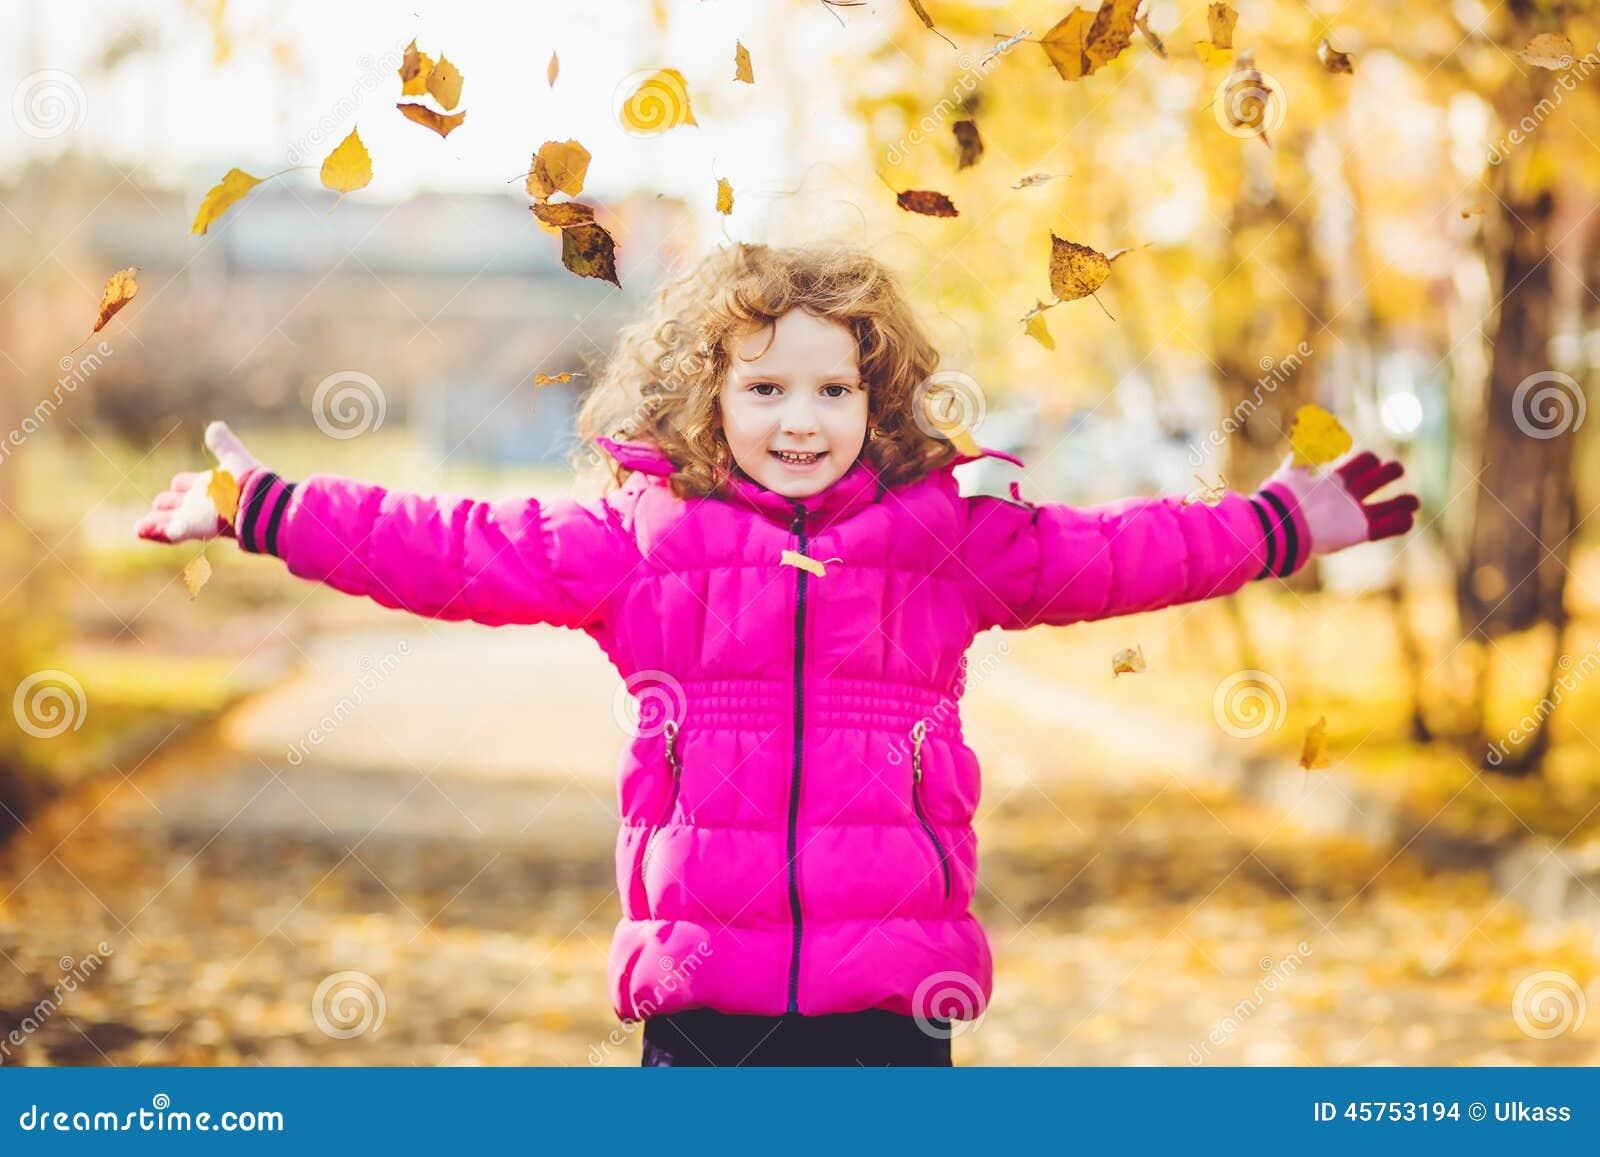 愉快的小女孩在天空中投掷秋叶